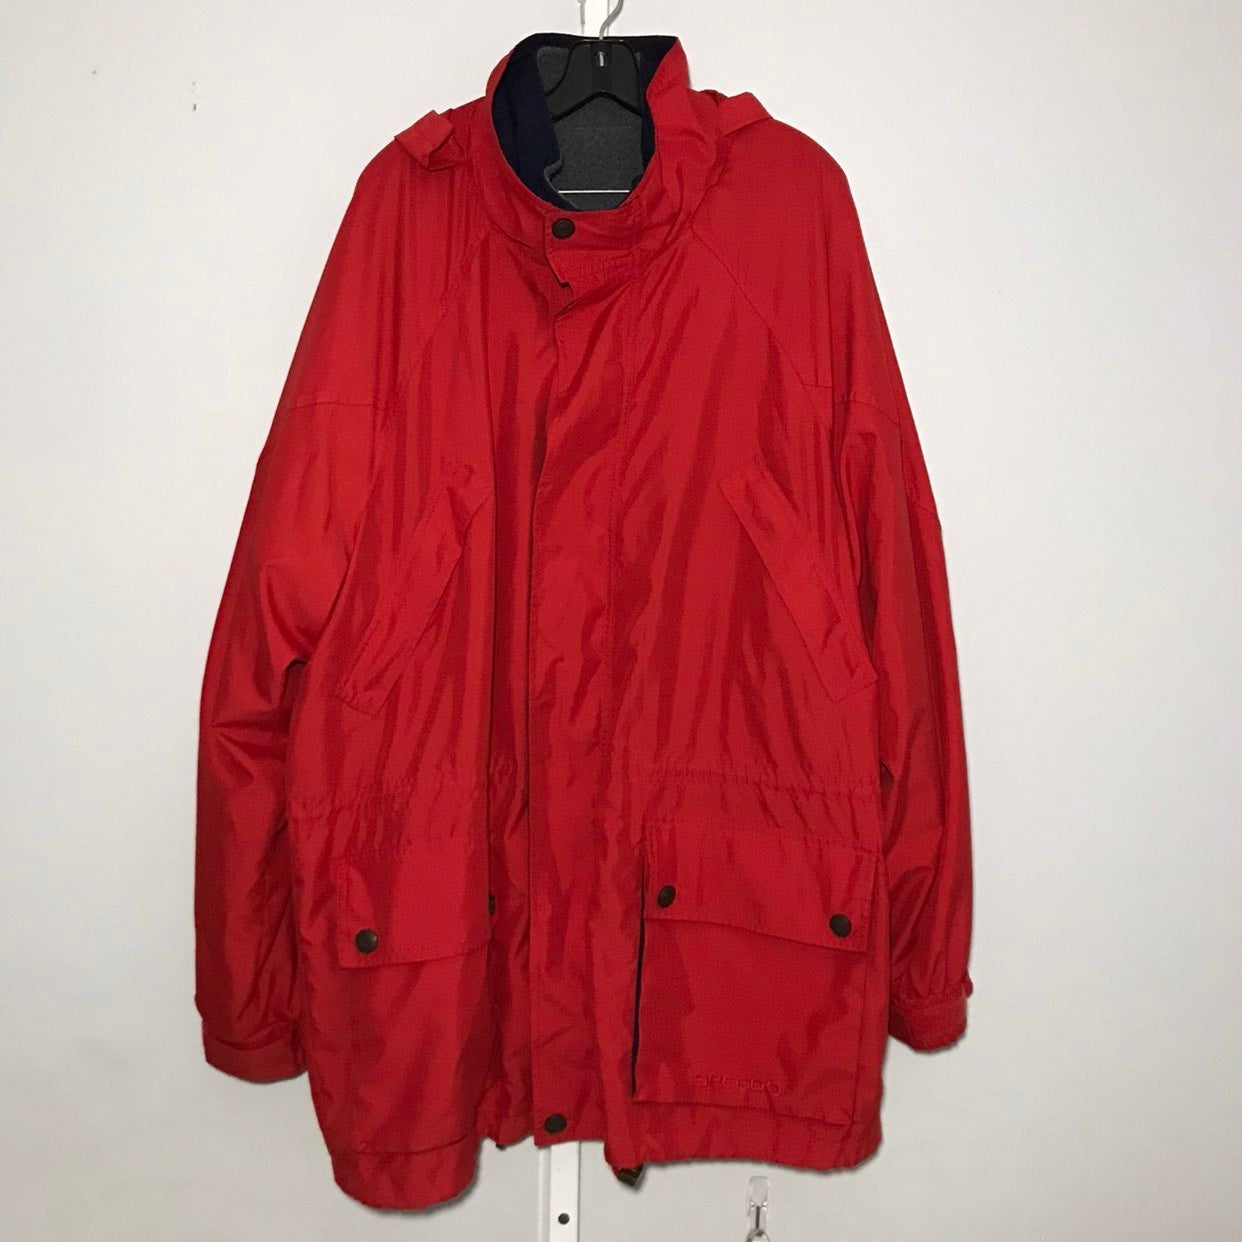 Speedo Men's Windbreaker Jacket Size XL